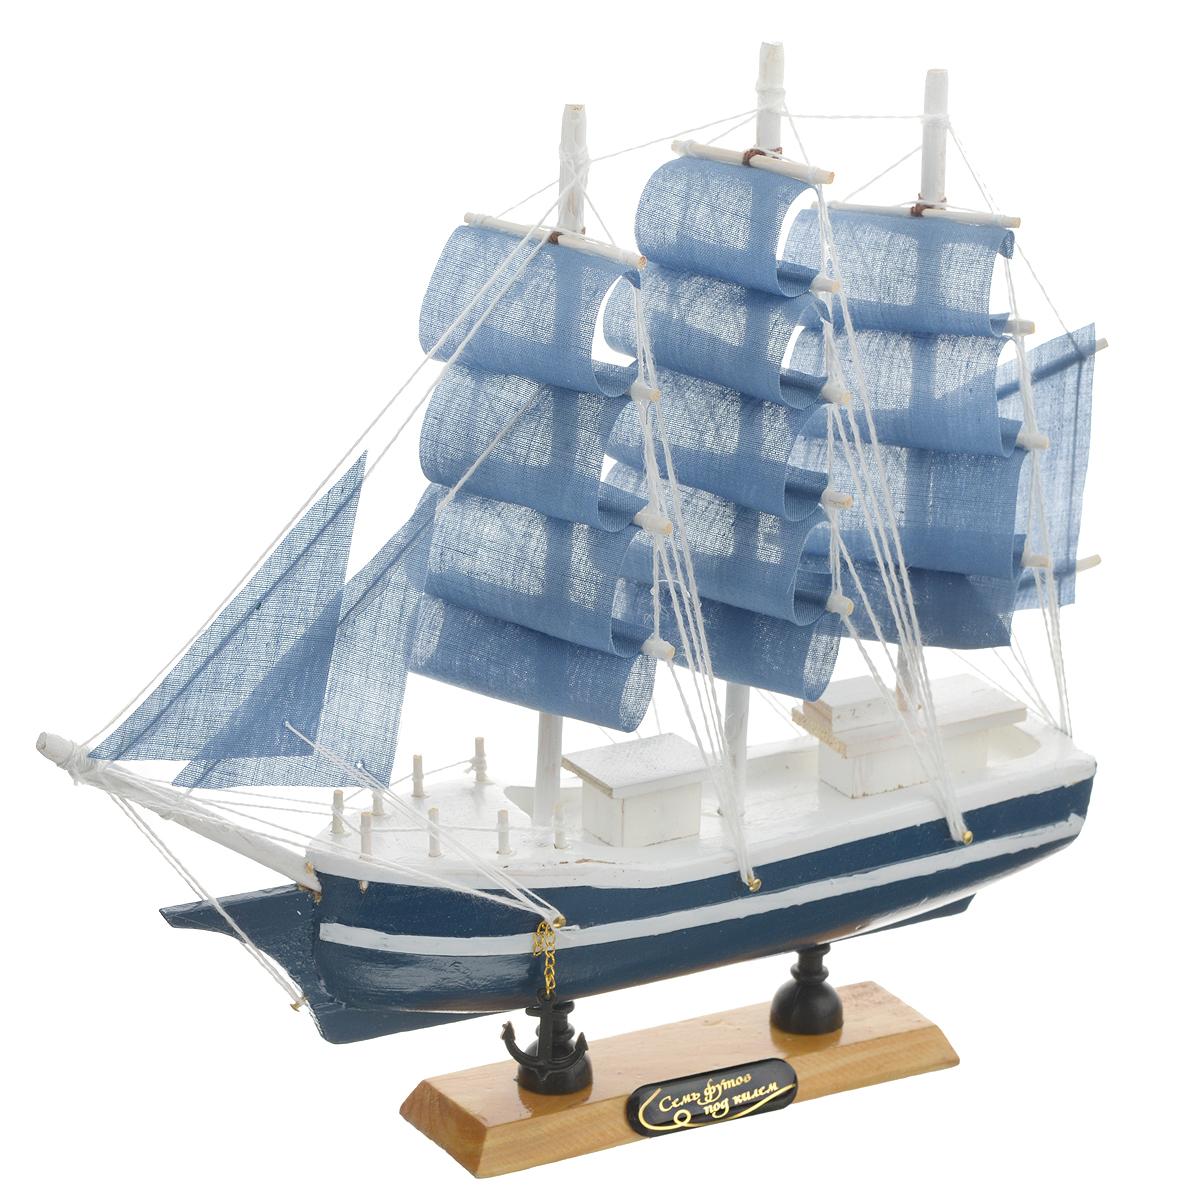 Корабль сувенирный Семь футов под килем, длина 24 см564176Сувенирный корабль Семь футов под килем, изготовленный из дерева и текстиля, это великолепный элемент декора рабочей зоны в офисе или кабинете. Корабль с парусами и якорями помещен на деревянную подставку. Время идет, и мы становимся свидетелями развития технического прогресса, новых учений и практик. Но одно не подвластно времени - это любовь человека к морю и кораблям. Сувенирный корабль наполнен историей и силой океанских вод. Данная модель кораблика станет отличным подарком для всех любителей морей, поклонников историй о покорении океанов и неизведанных земель. Модель корабля - подарок со смыслом. Издавна на Руси считалось, что корабли приносят удачу и везение. Поэтому их изображения, фигурки и точные копии всегда присутствовали в помещениях. Удивите себя и своих близких необычным презентом.